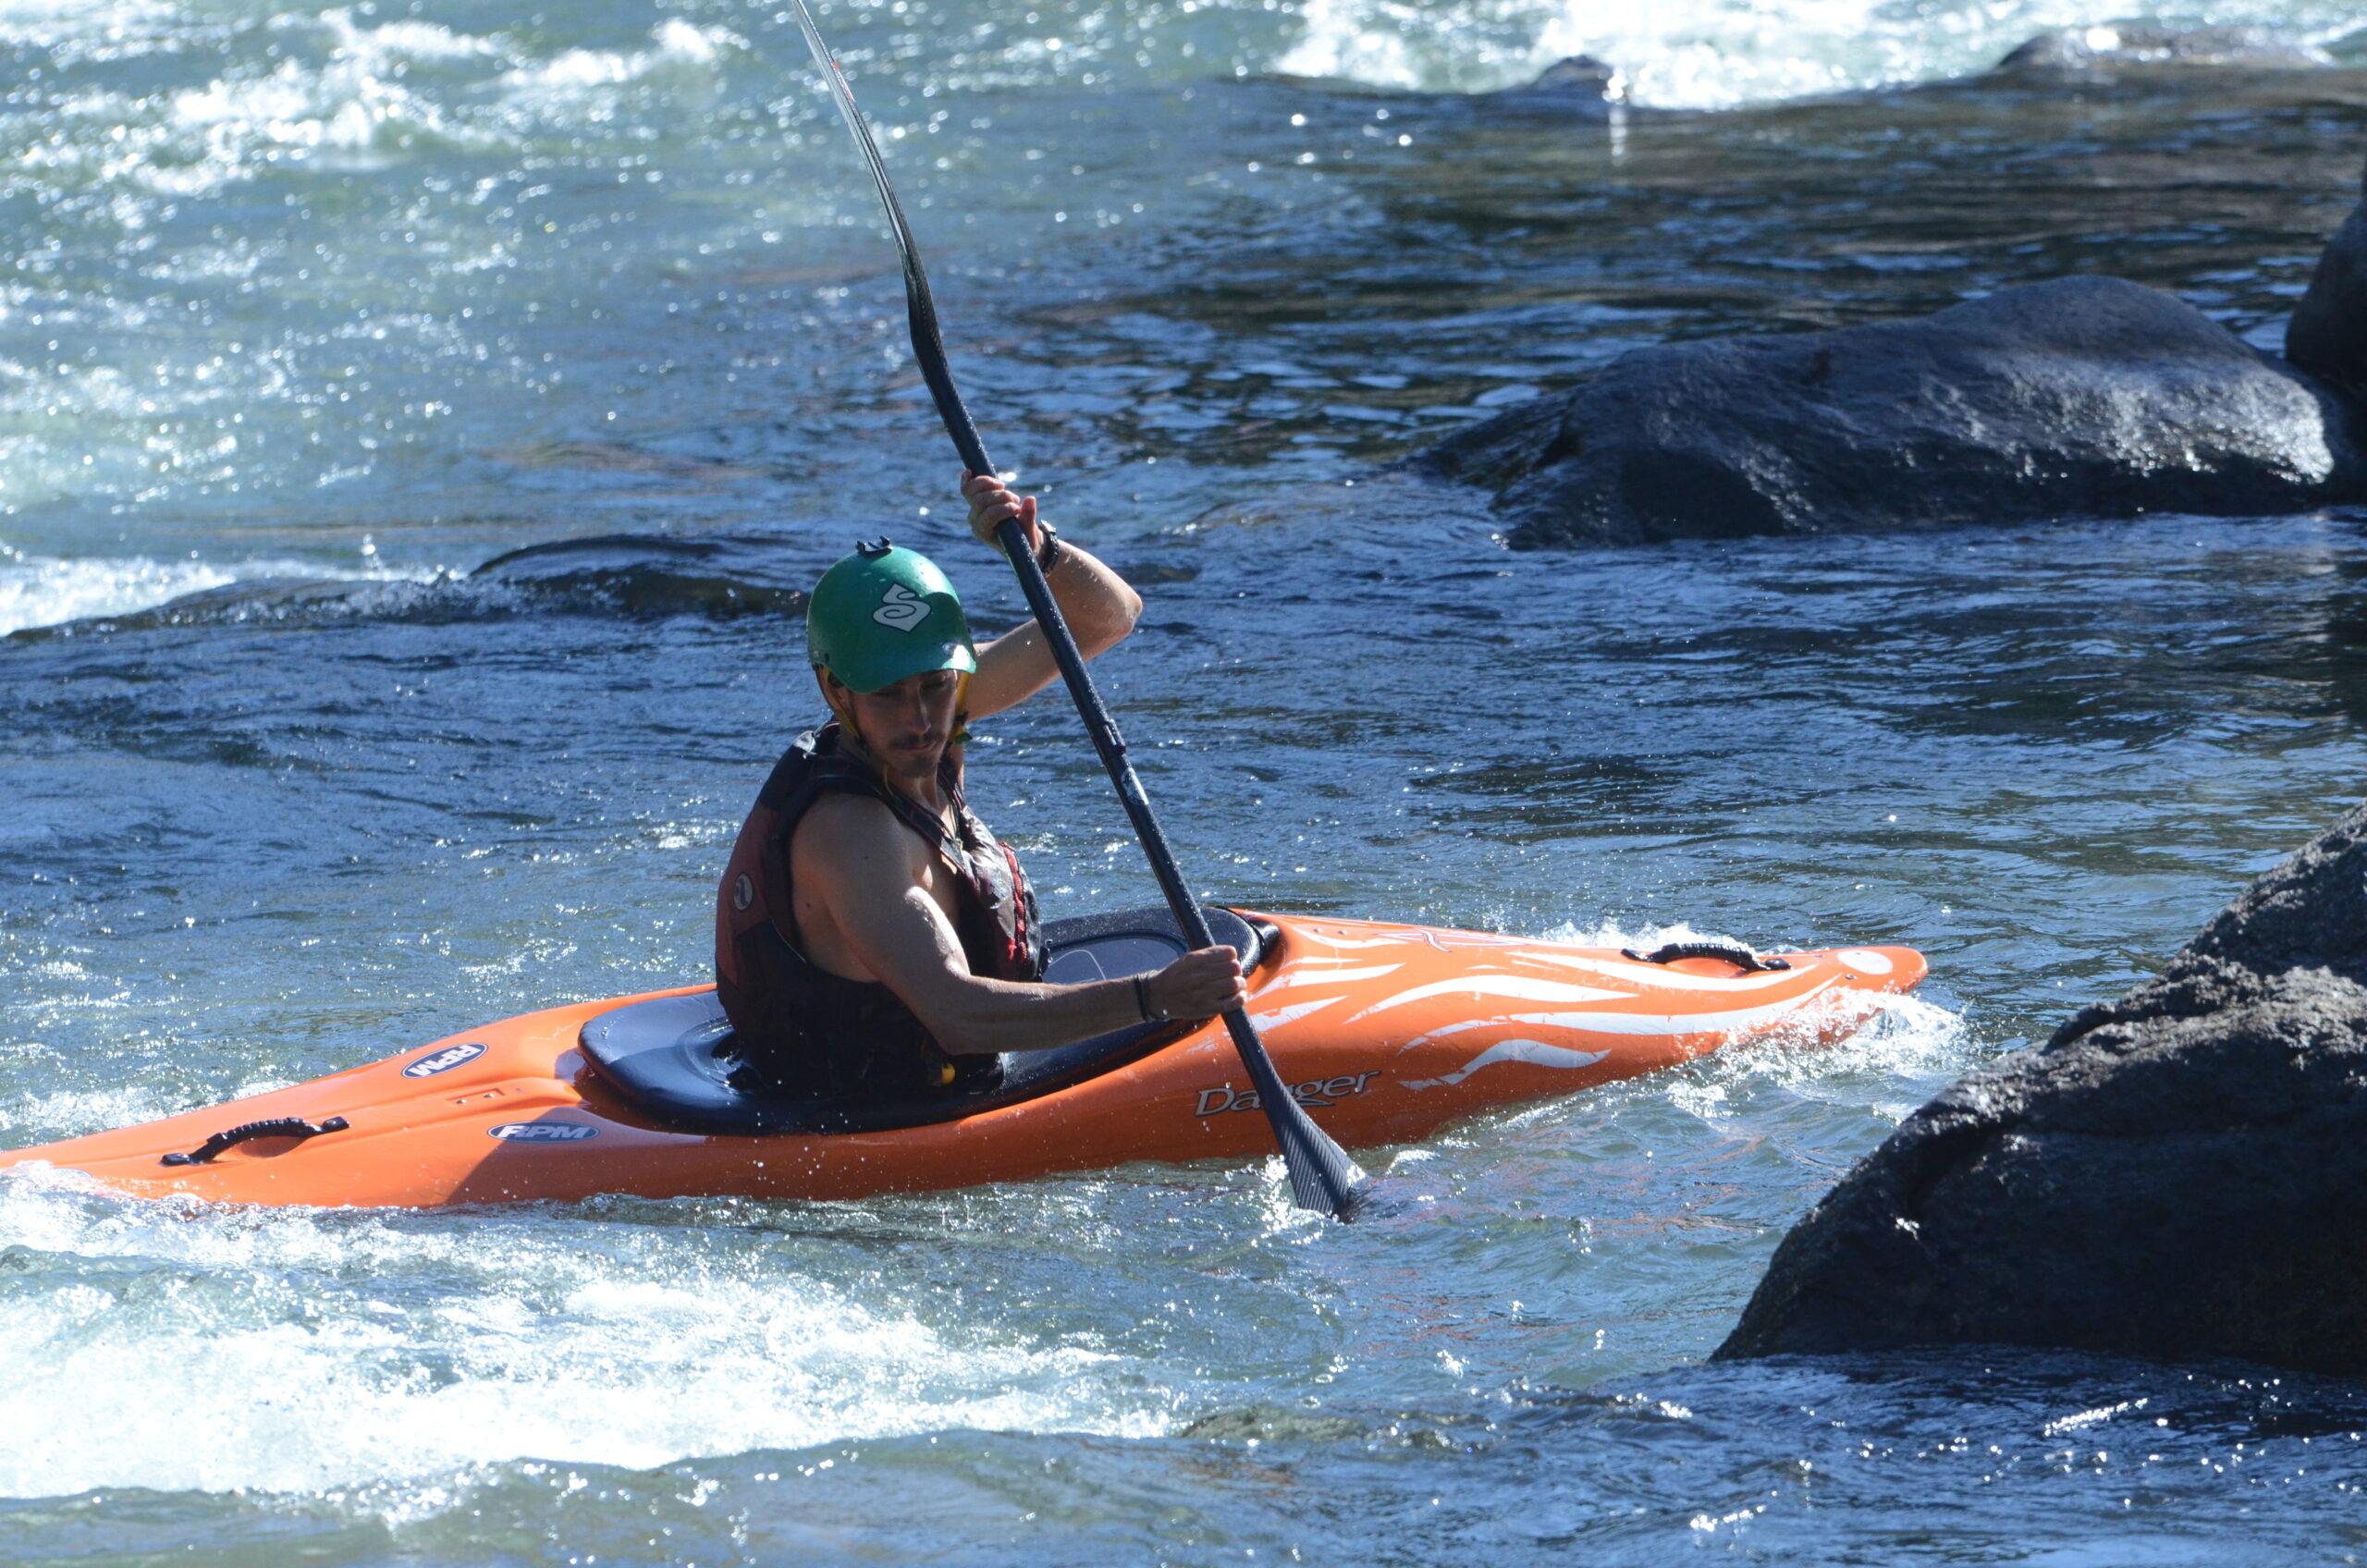 Kayak desde Pirineos a Chile: Rafting Esera y Escuela de Kayak en Huesca